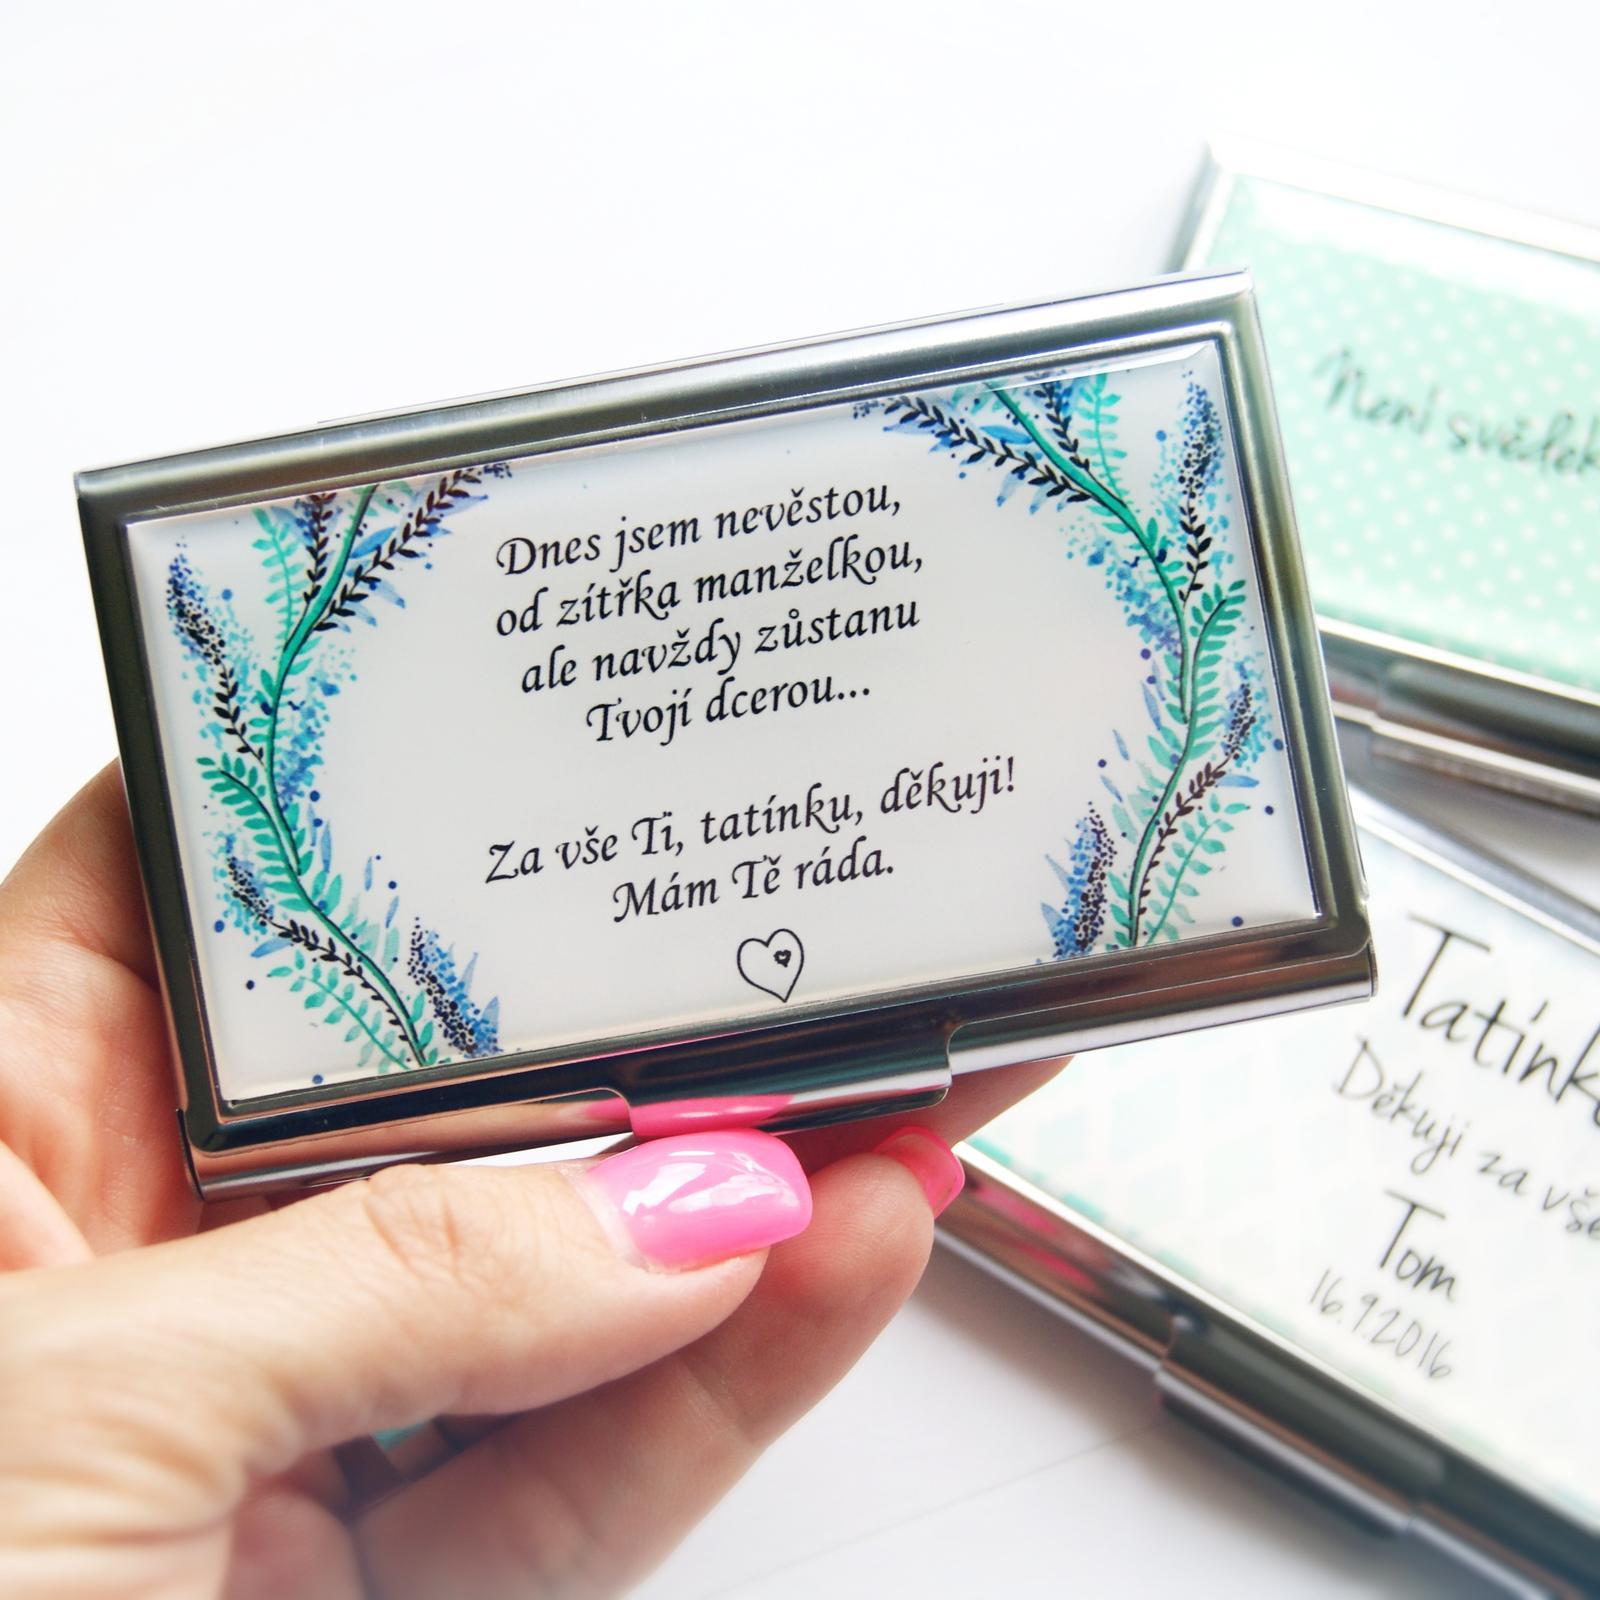 Svatby v druhé polovině roku 2016 - krabička na vizitky pro tatínka